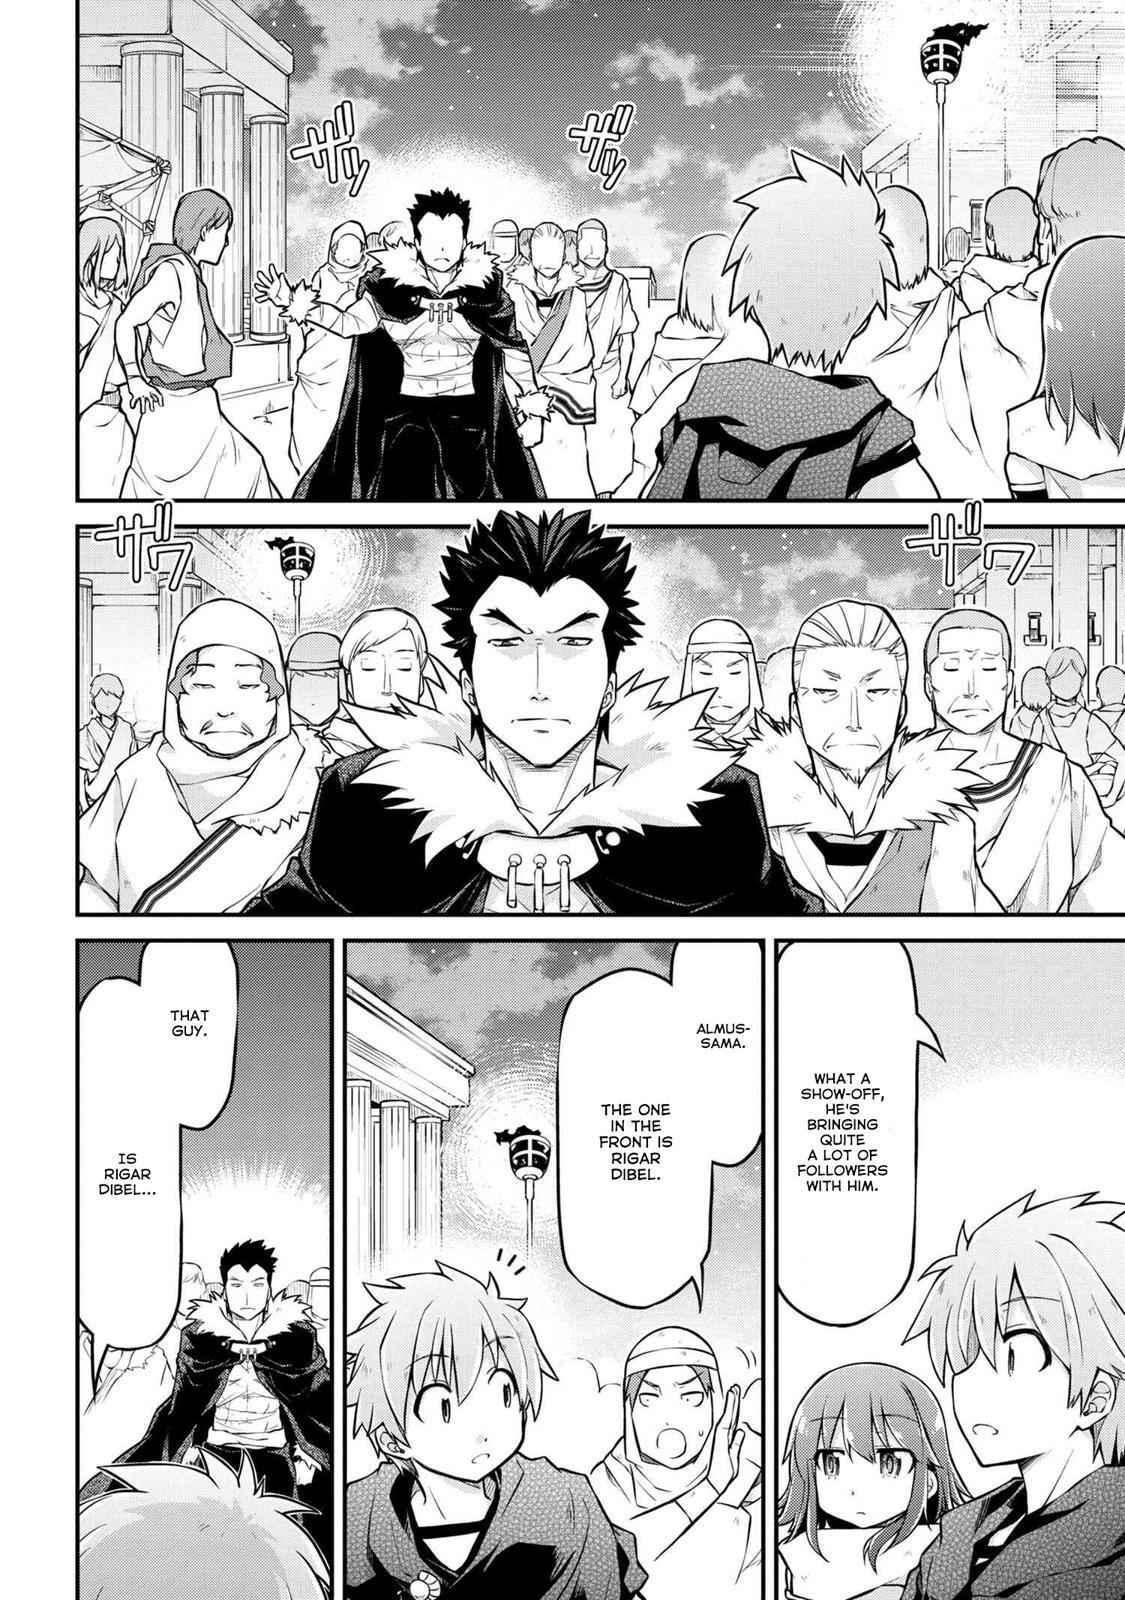 Isekai Kenkokuki - chapter 36.1-eng-li